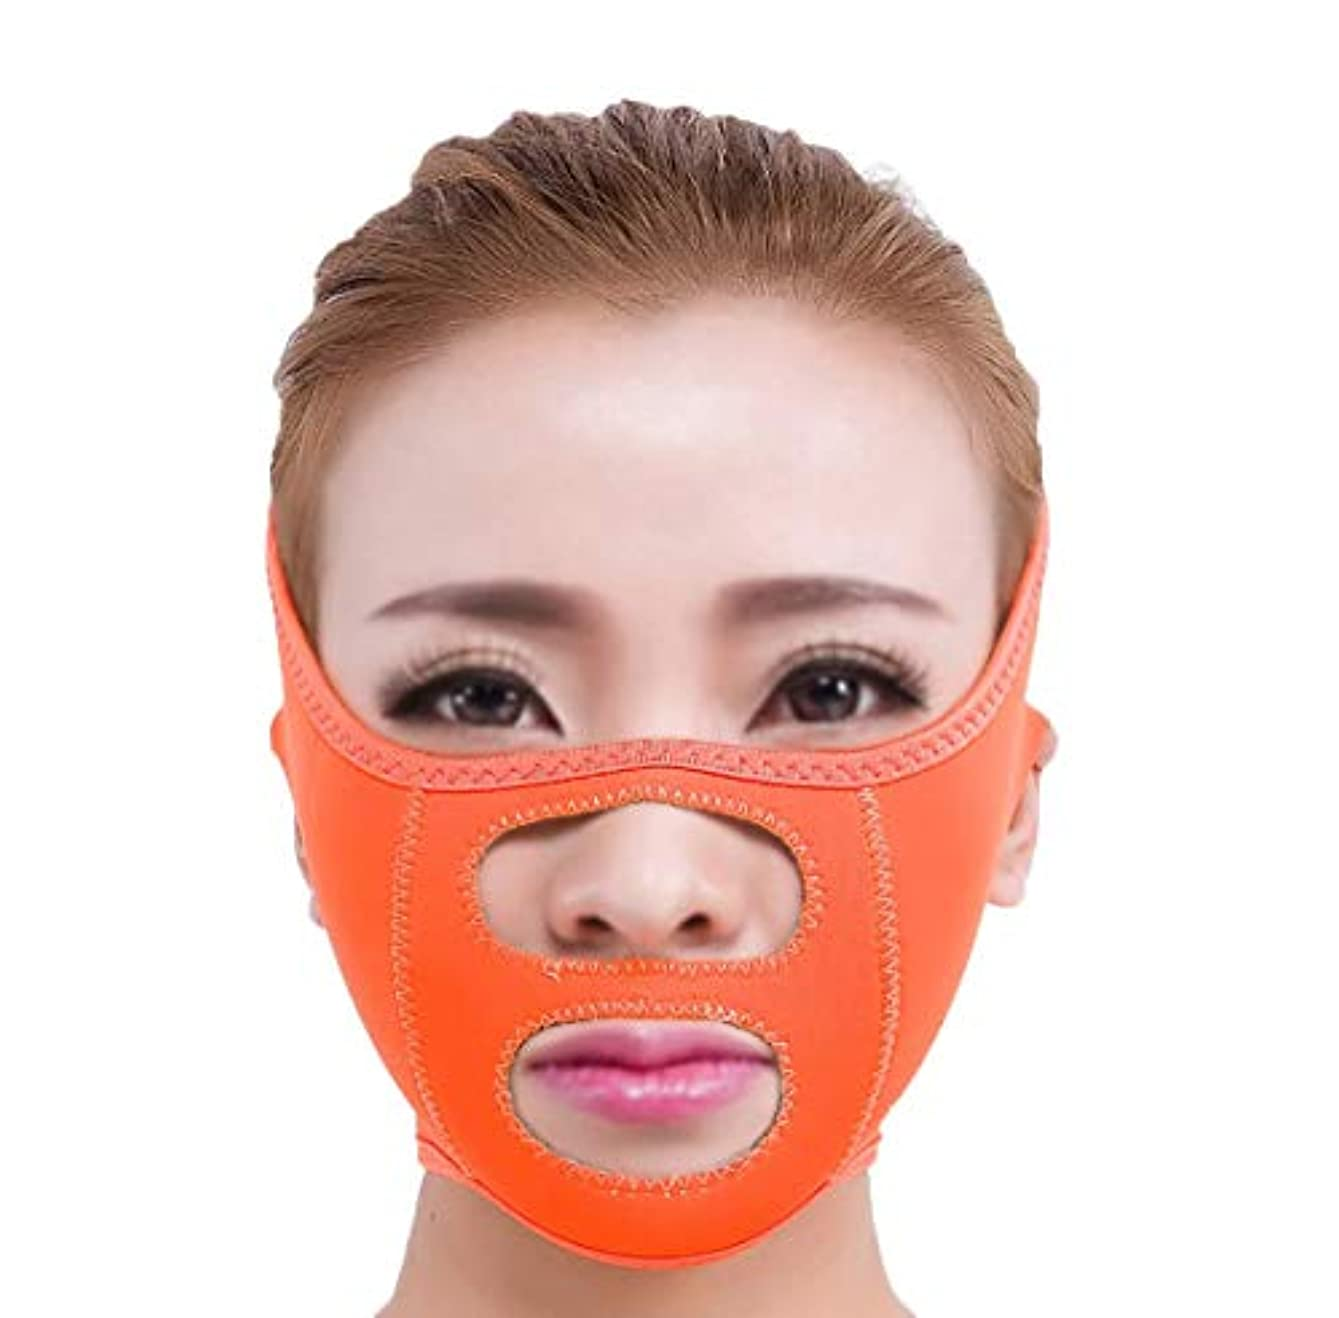 ベース原子炉増幅スモールフェイスツールVフェイス包帯フェイシャルリフティングフェイシャルマッサージャー美容通気性マスクVフェイスマスク睡眠薄い顔でオレンジ